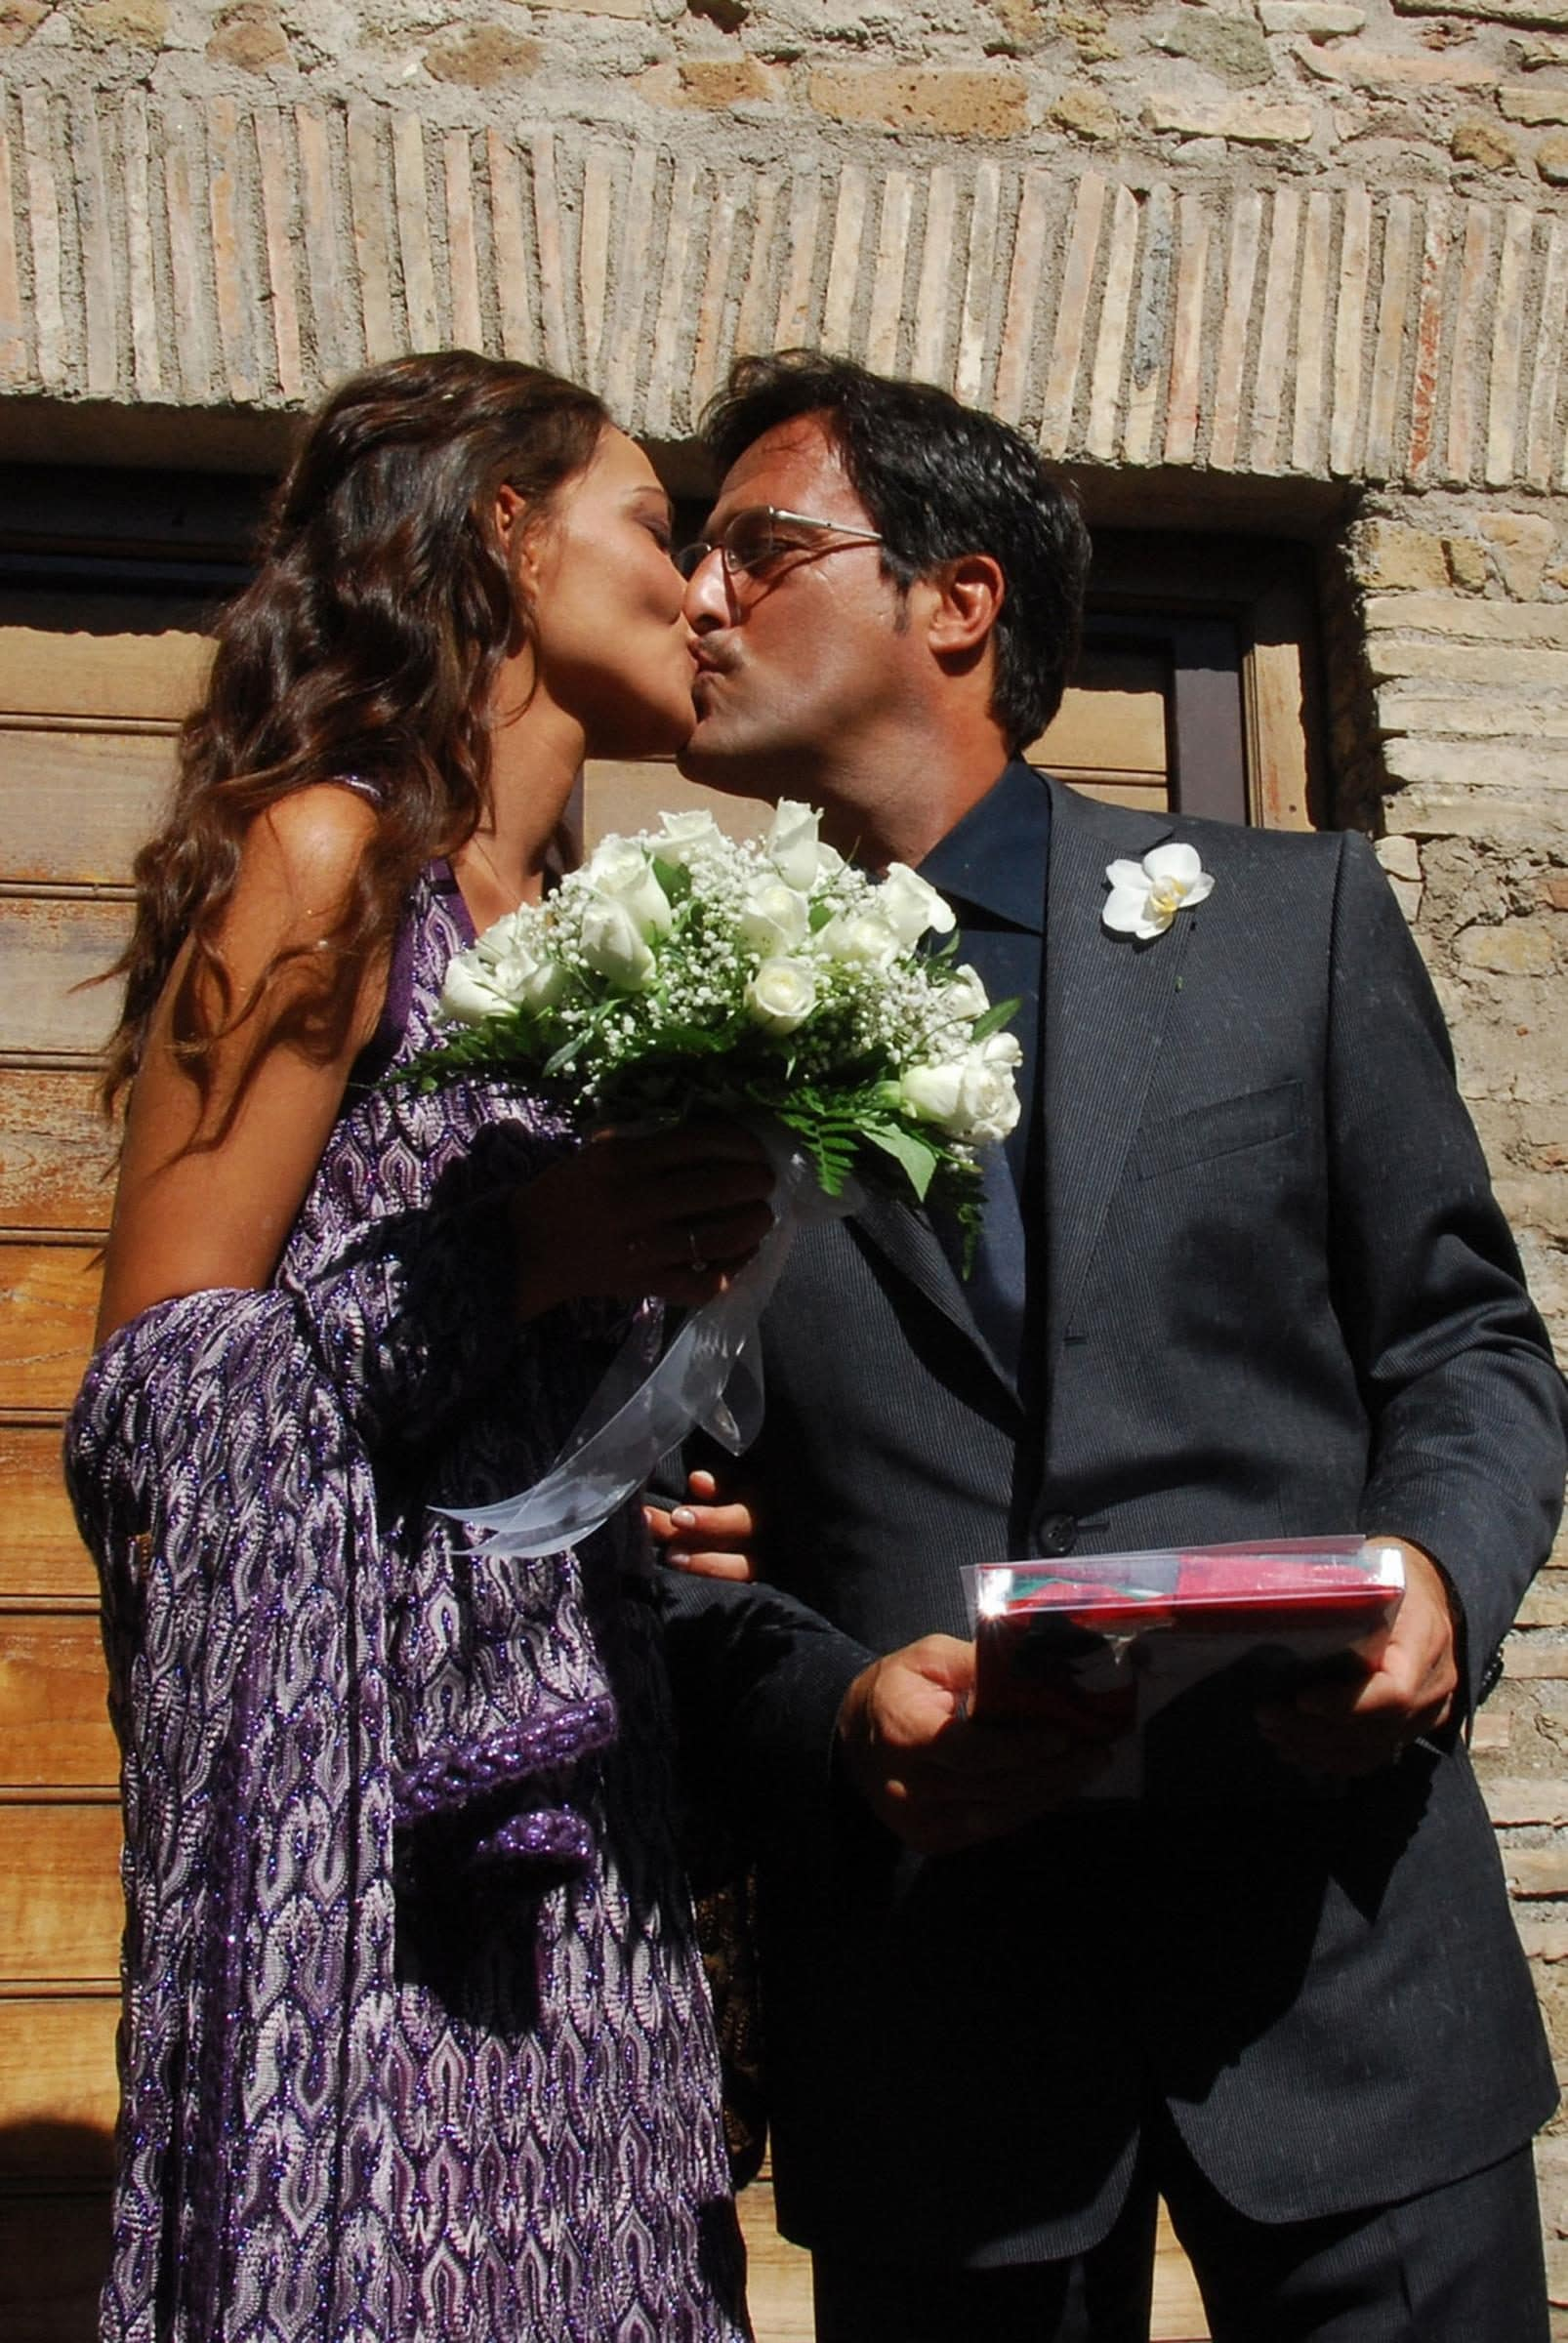 Il matrimonio di Stefania e Marco nel 2007